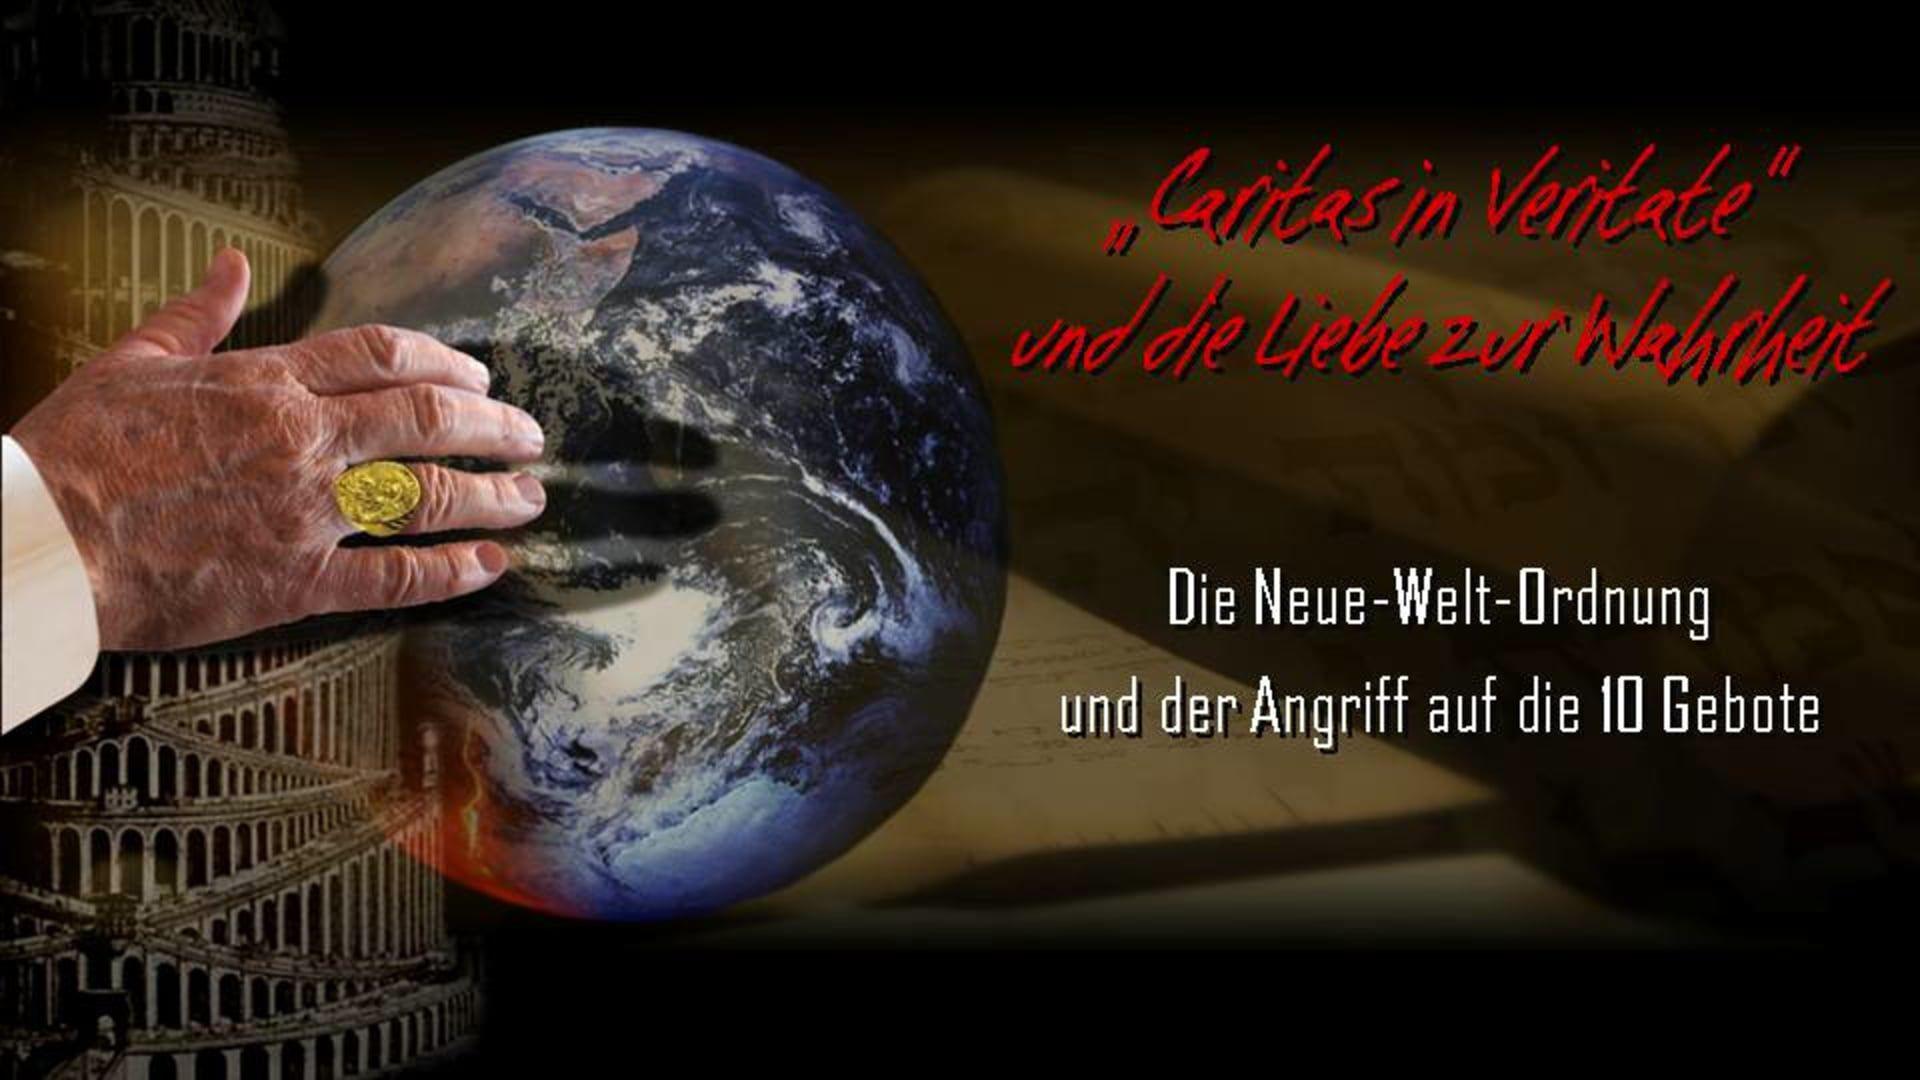 Caritas in Veritate und die Liebe zur Wahrheit. Die Neue-Welt-Ordnung und die Aufhebung der Zehn Gebote. (WESOG 3)